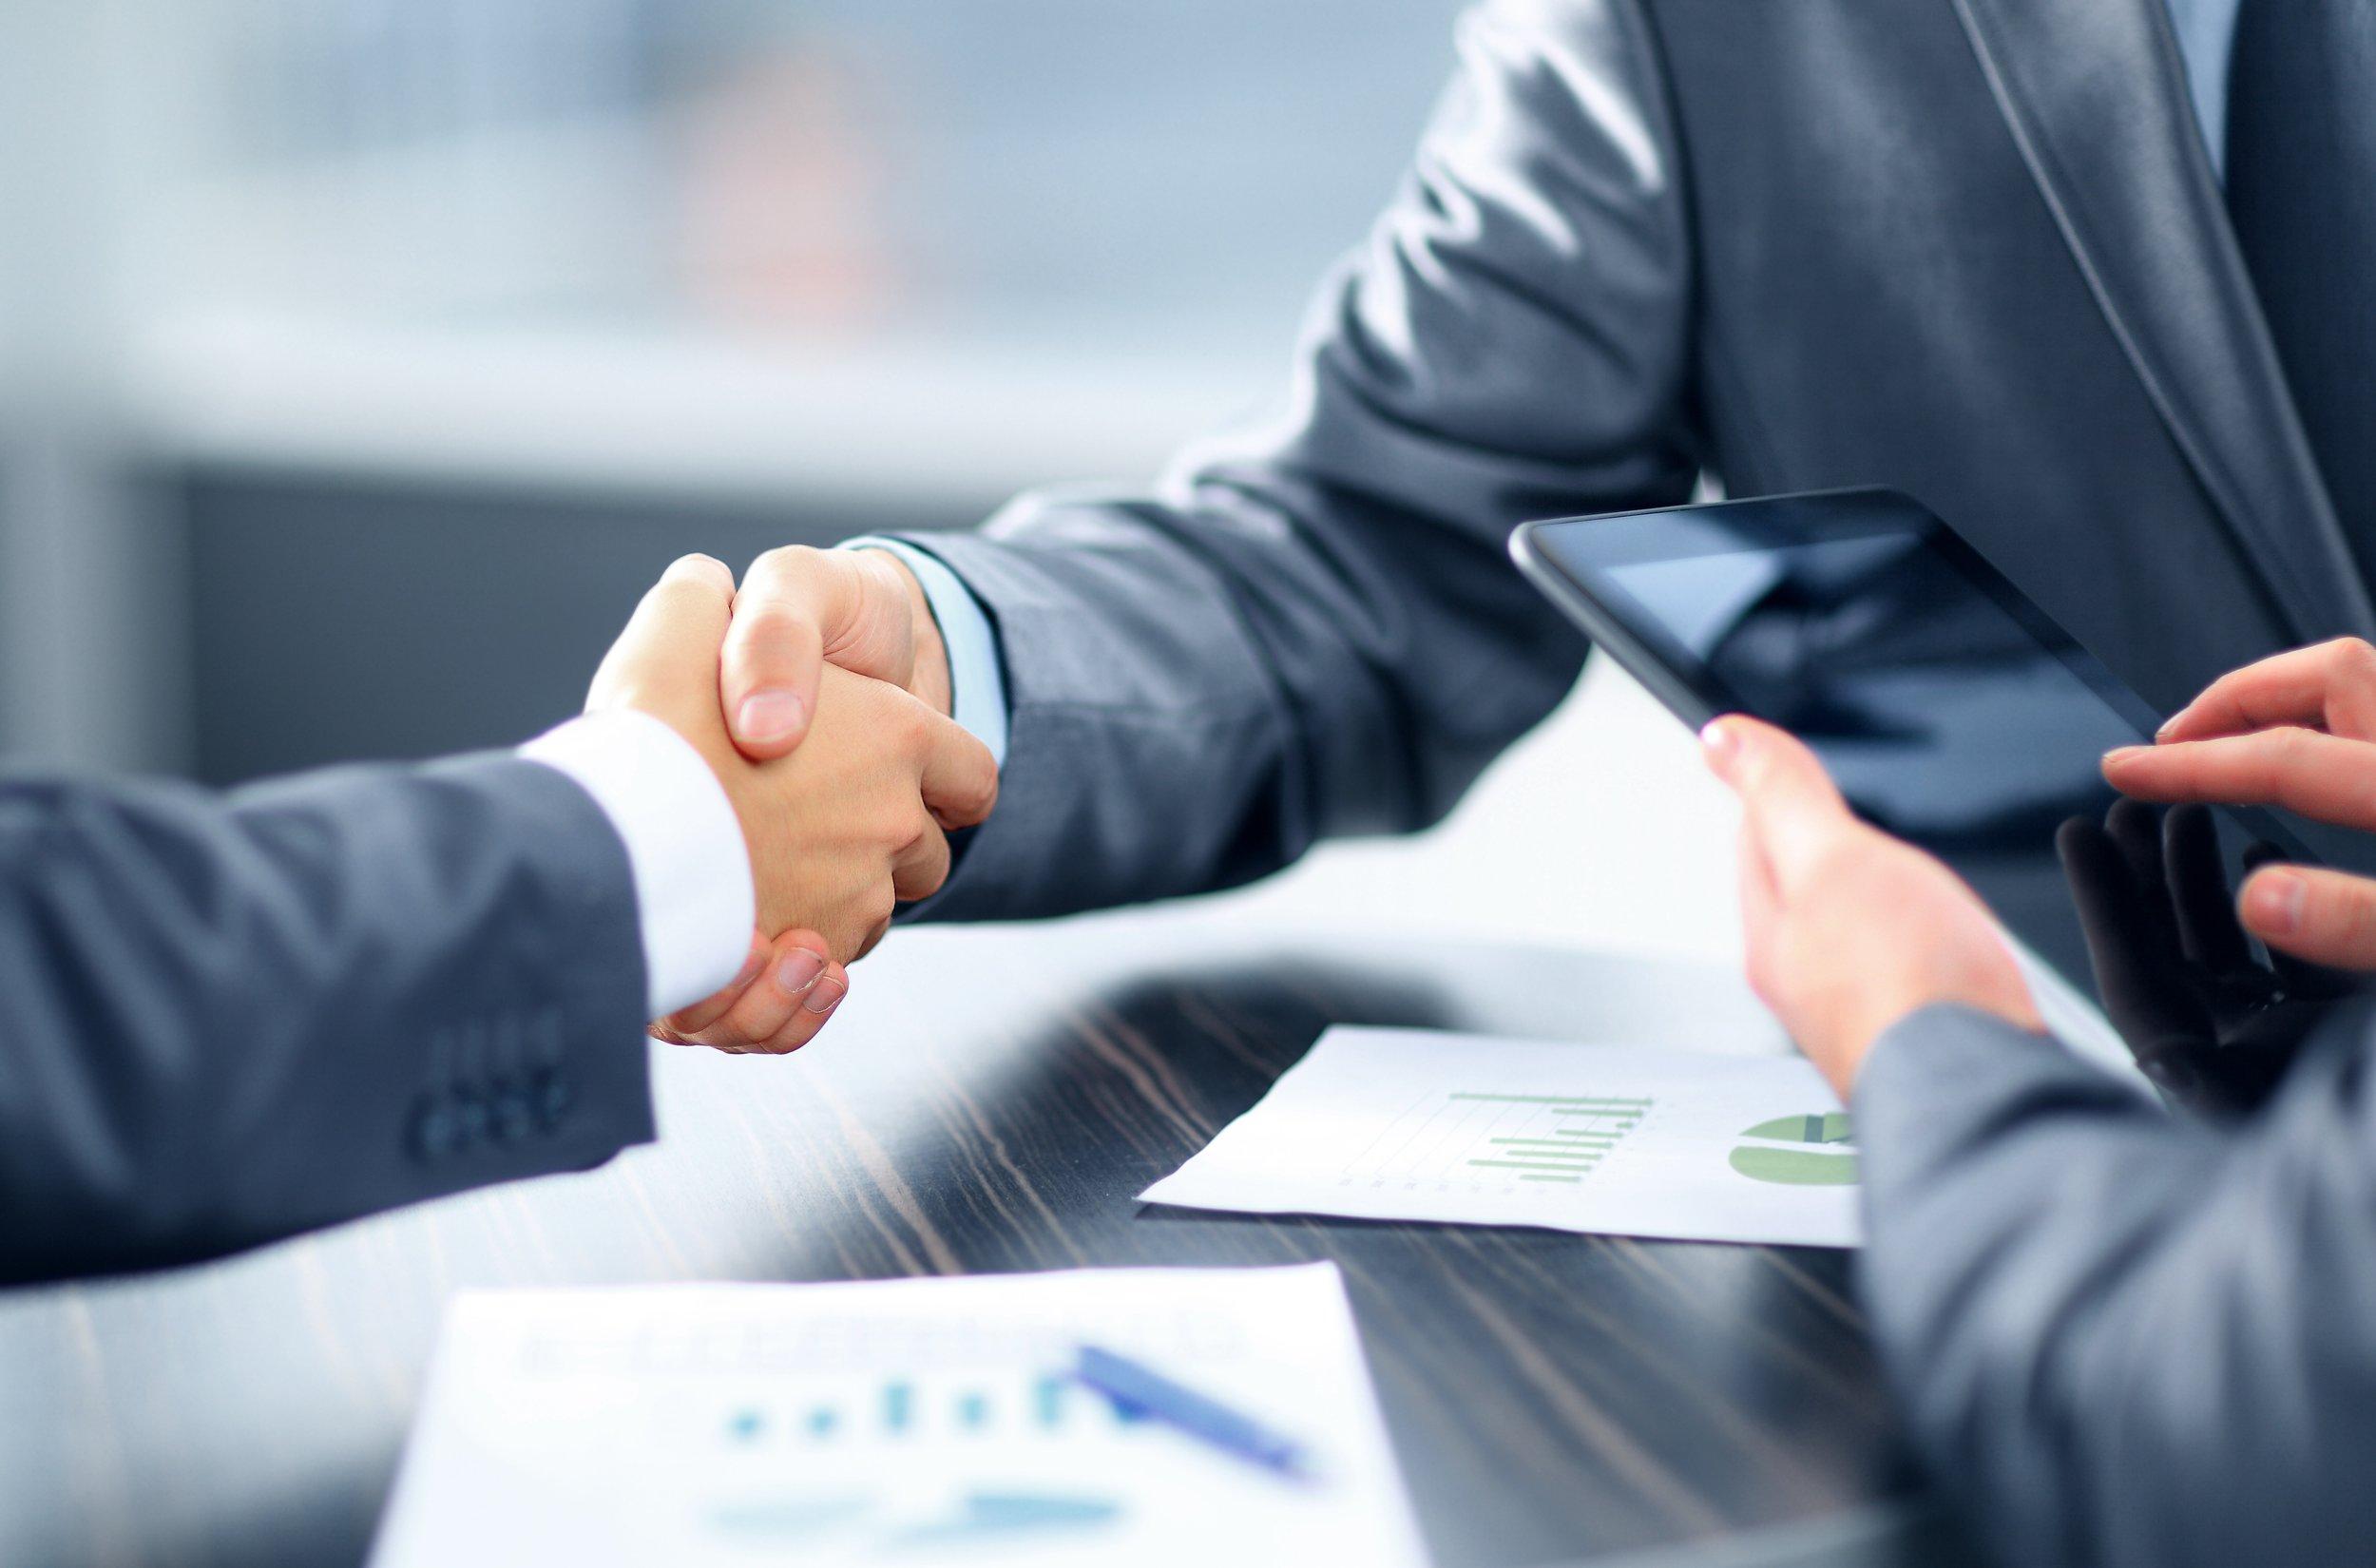 برامج التجارة - تعزيز تجربة الترفيه لرجال الأعمال والتجار خلال رحلة العمل والتجارة كما أن دمج العمل والمتعة أمر لا بد منه.